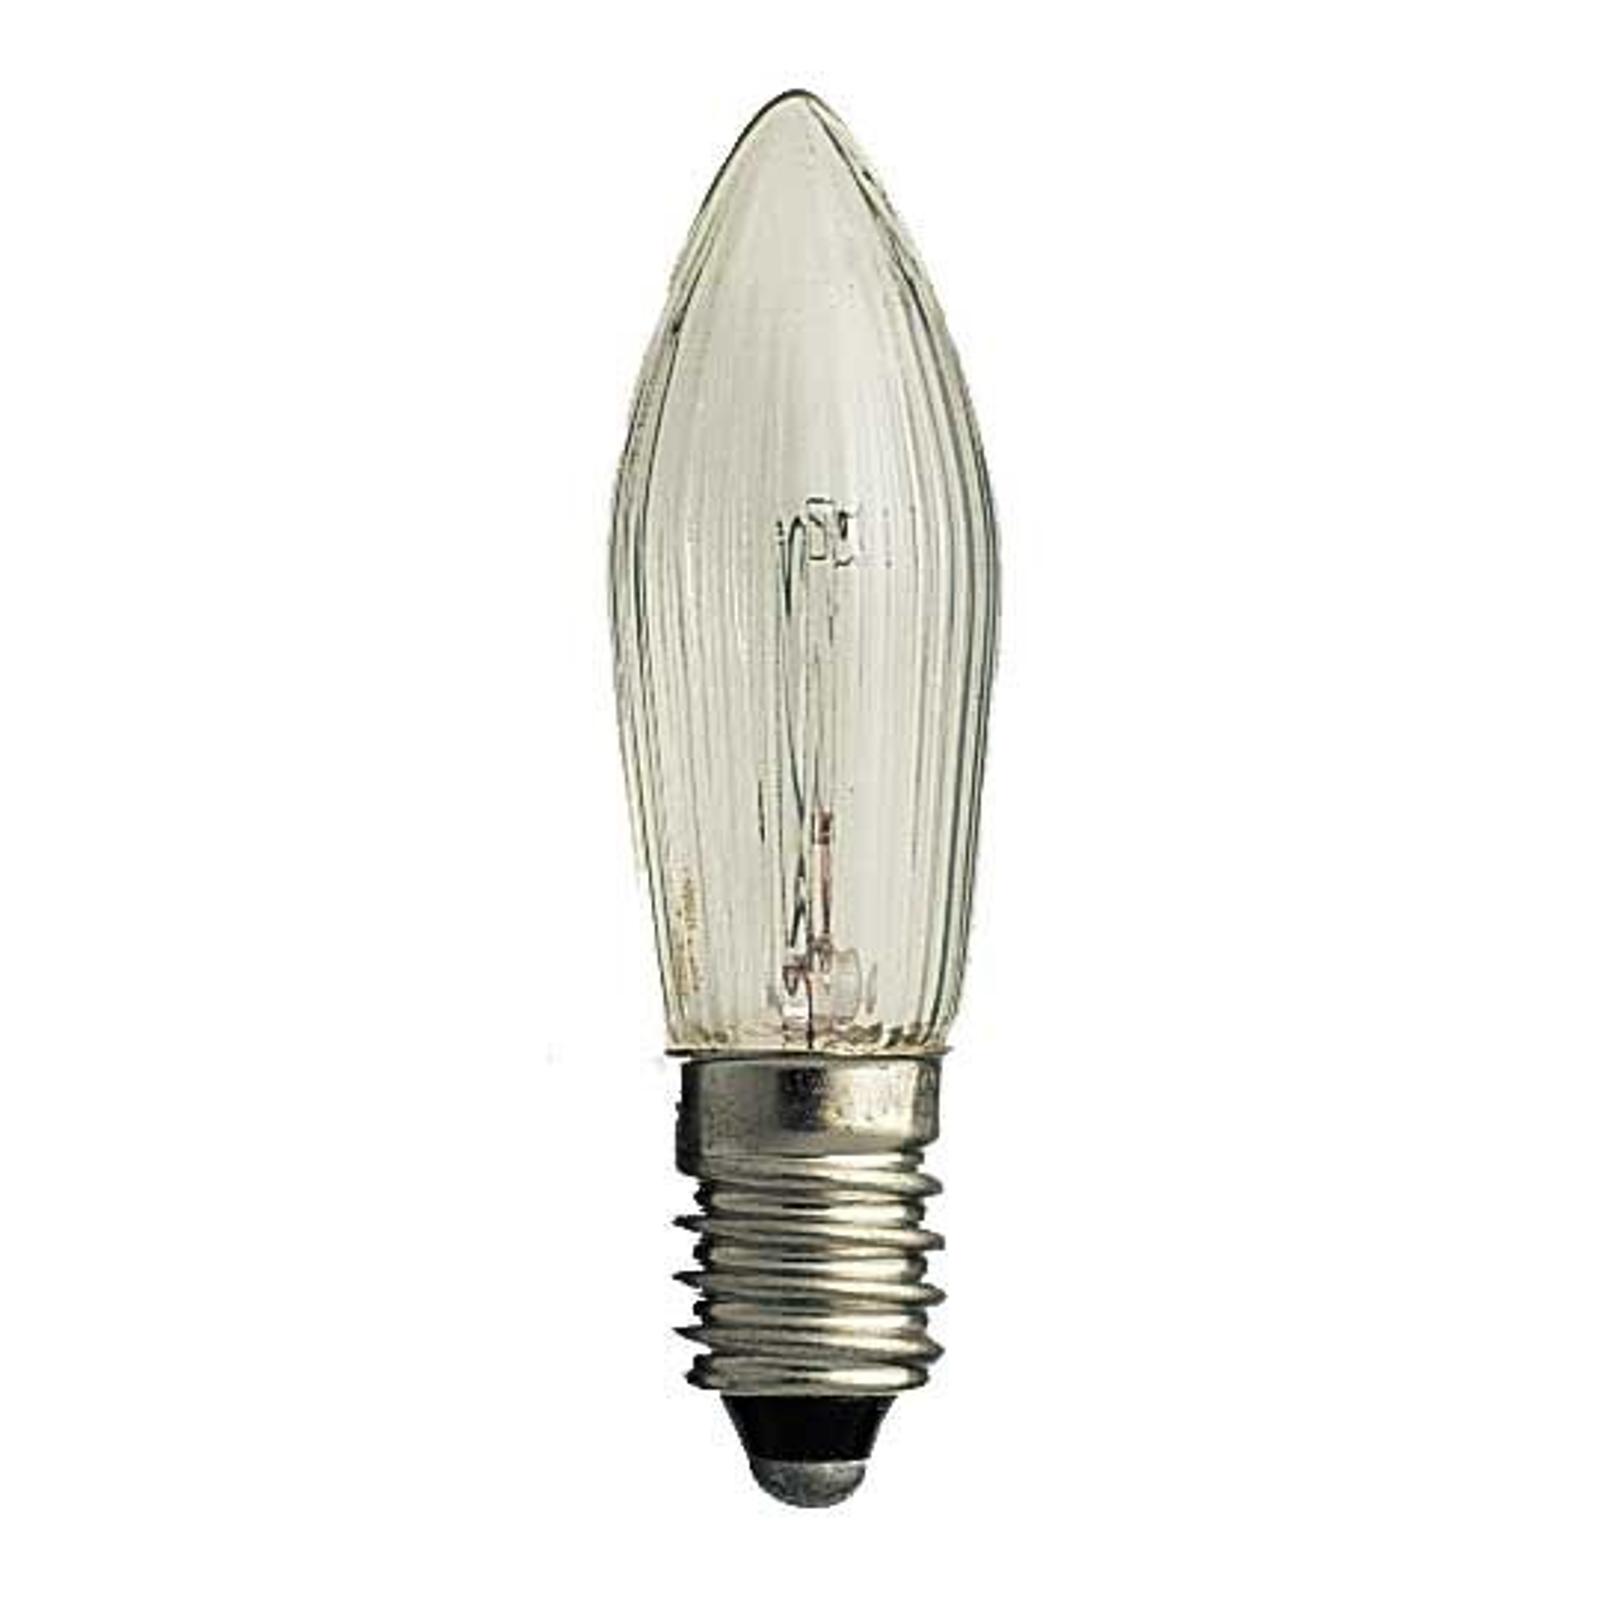 E10 3 W 55 V reservepære 3-pakk stearinlysform